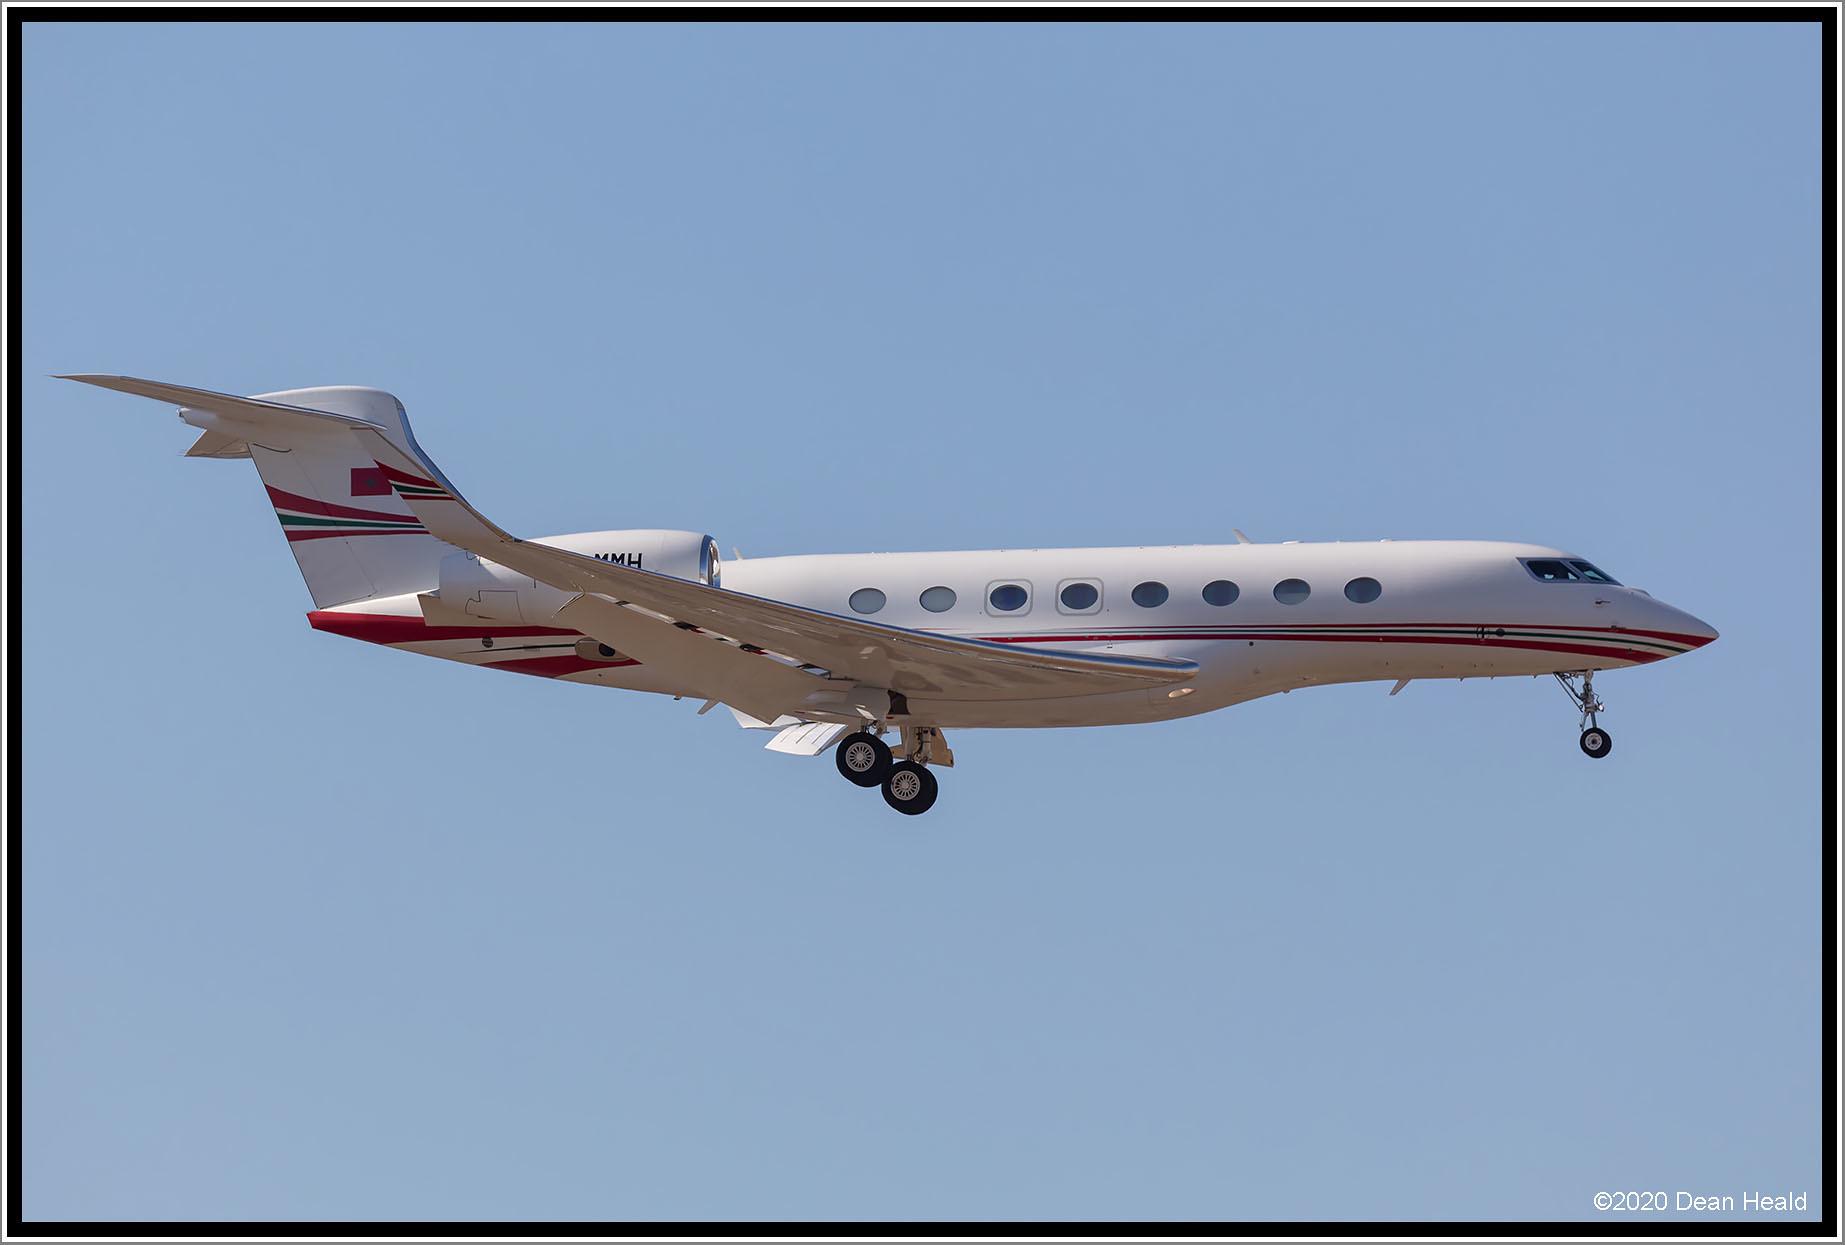 FRA: Avions VIP, Liaison & ECM - Page 24 50119651427_6065f643dc_k